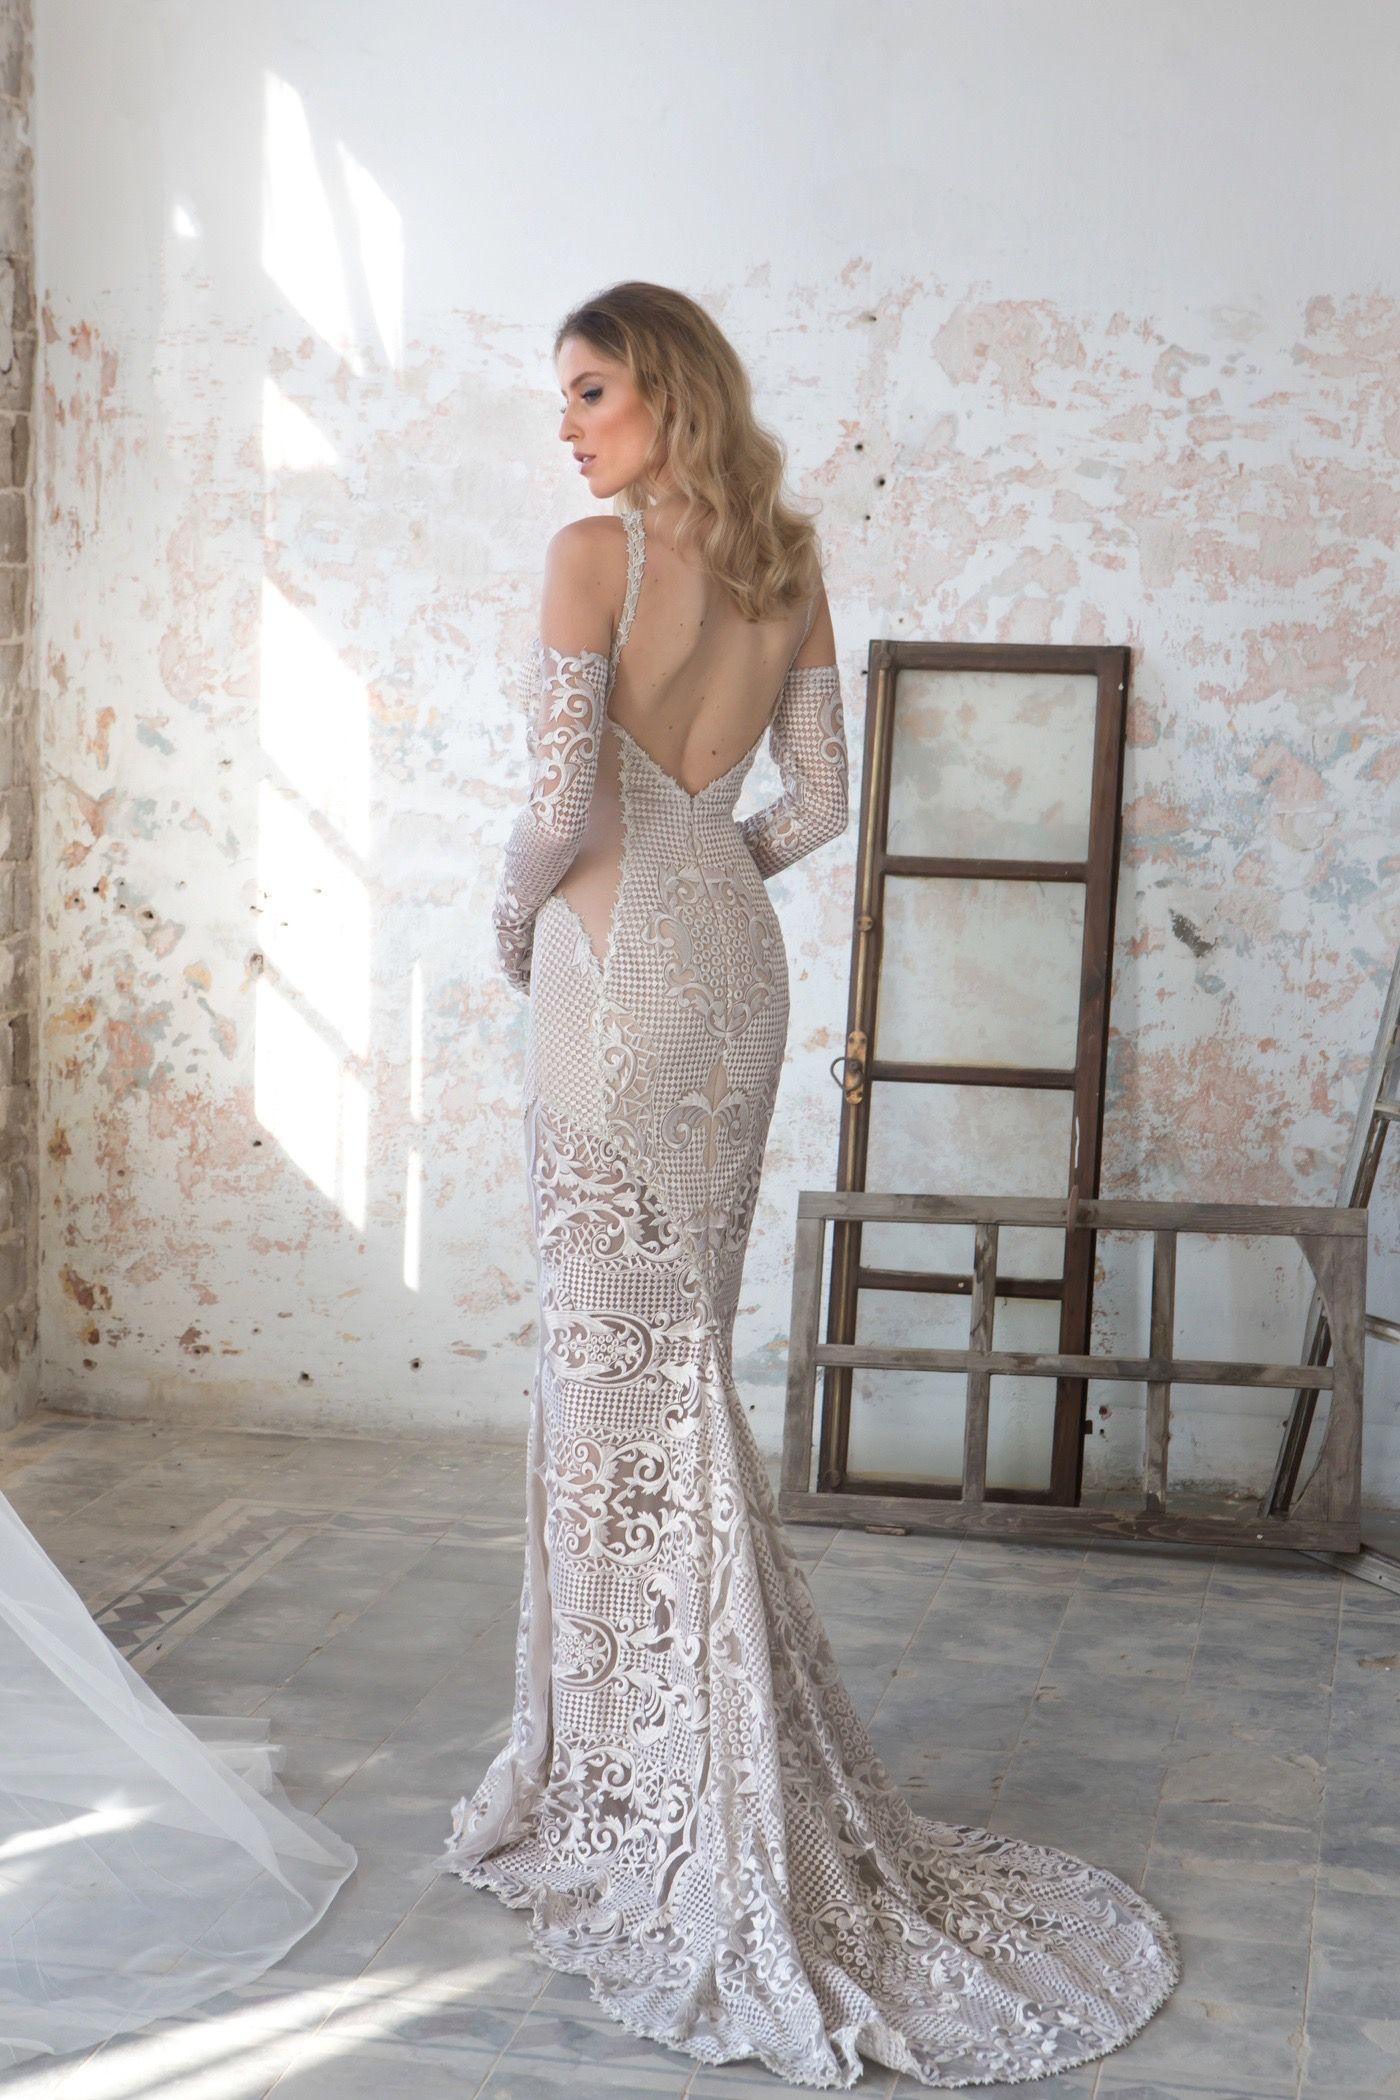 Open back wedding dresses lace  Pin by Benyapa Steinmetz on White lace  Pinterest  White lace